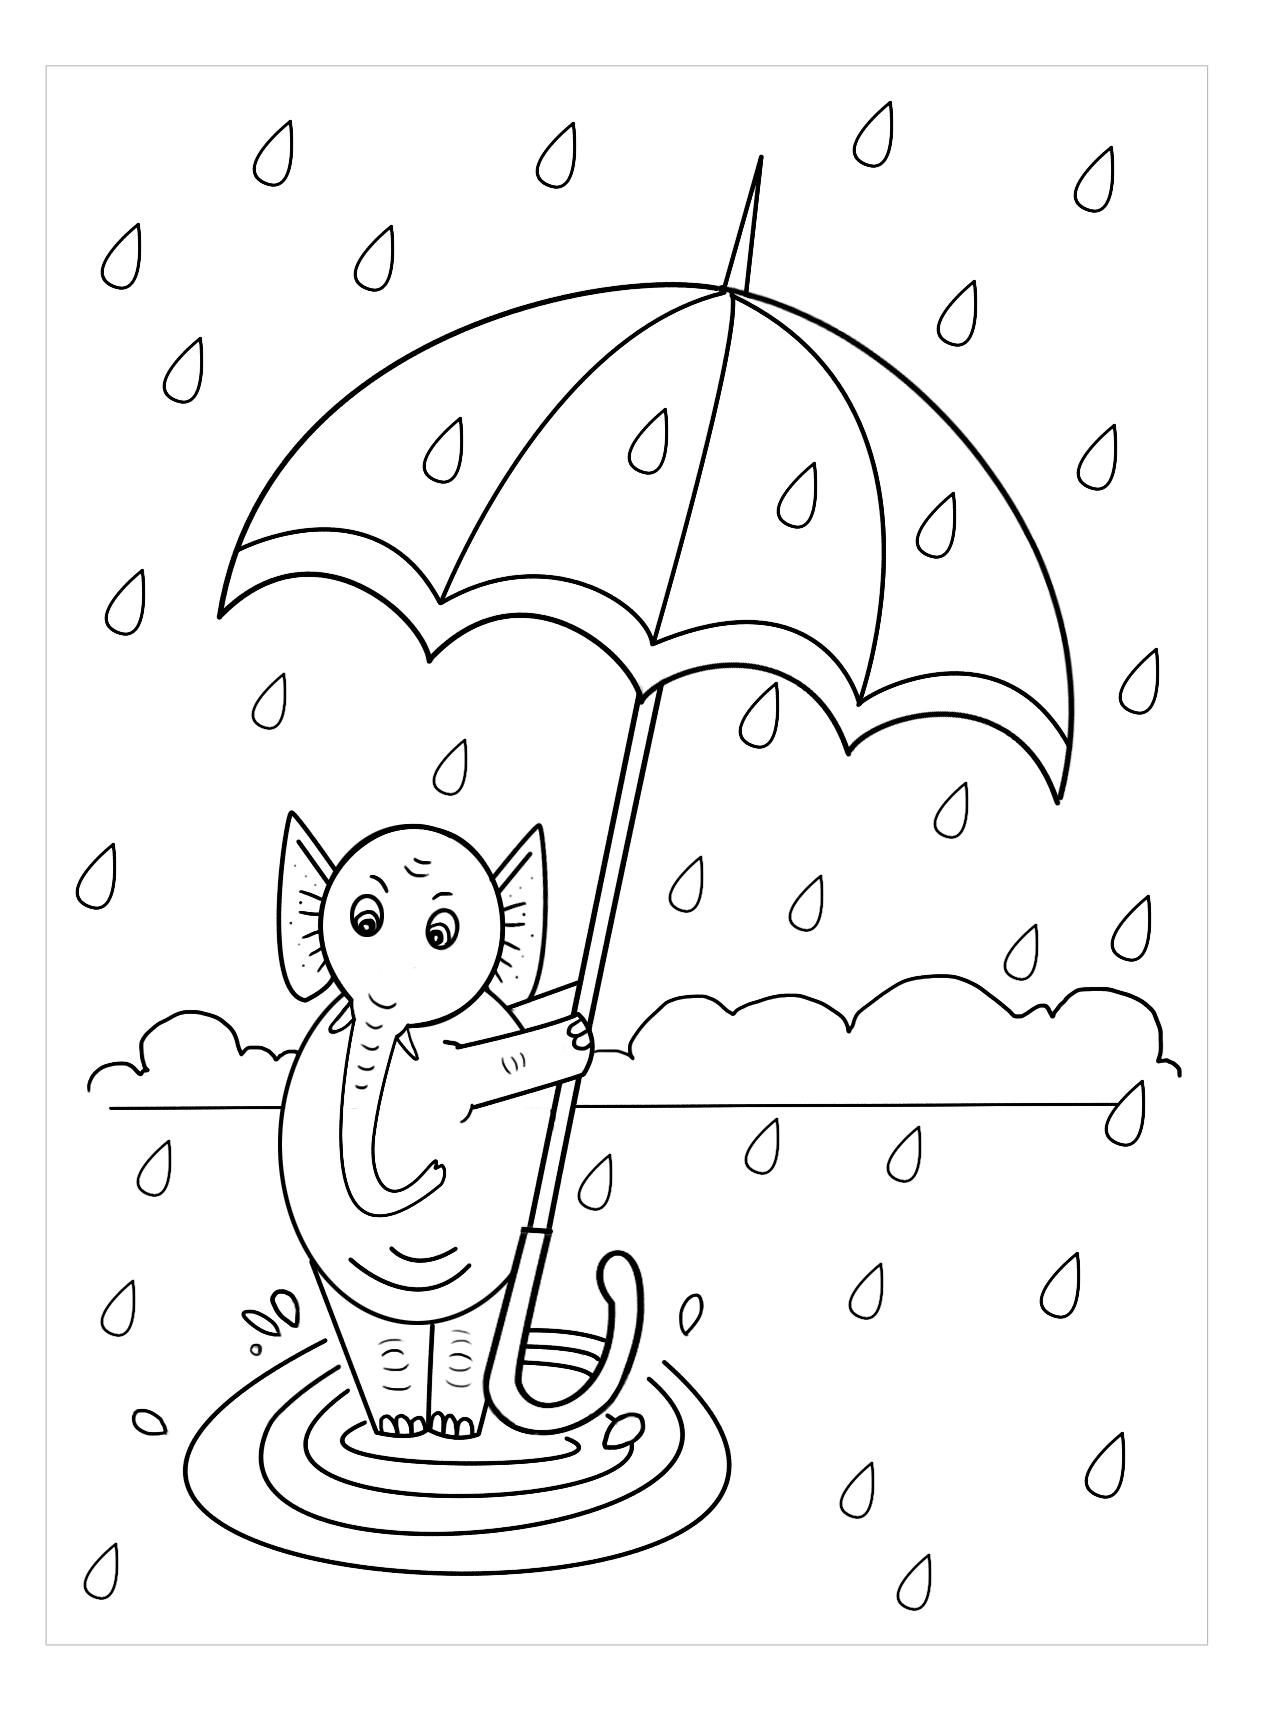 Tranh tô màu cái ô đáng yêu